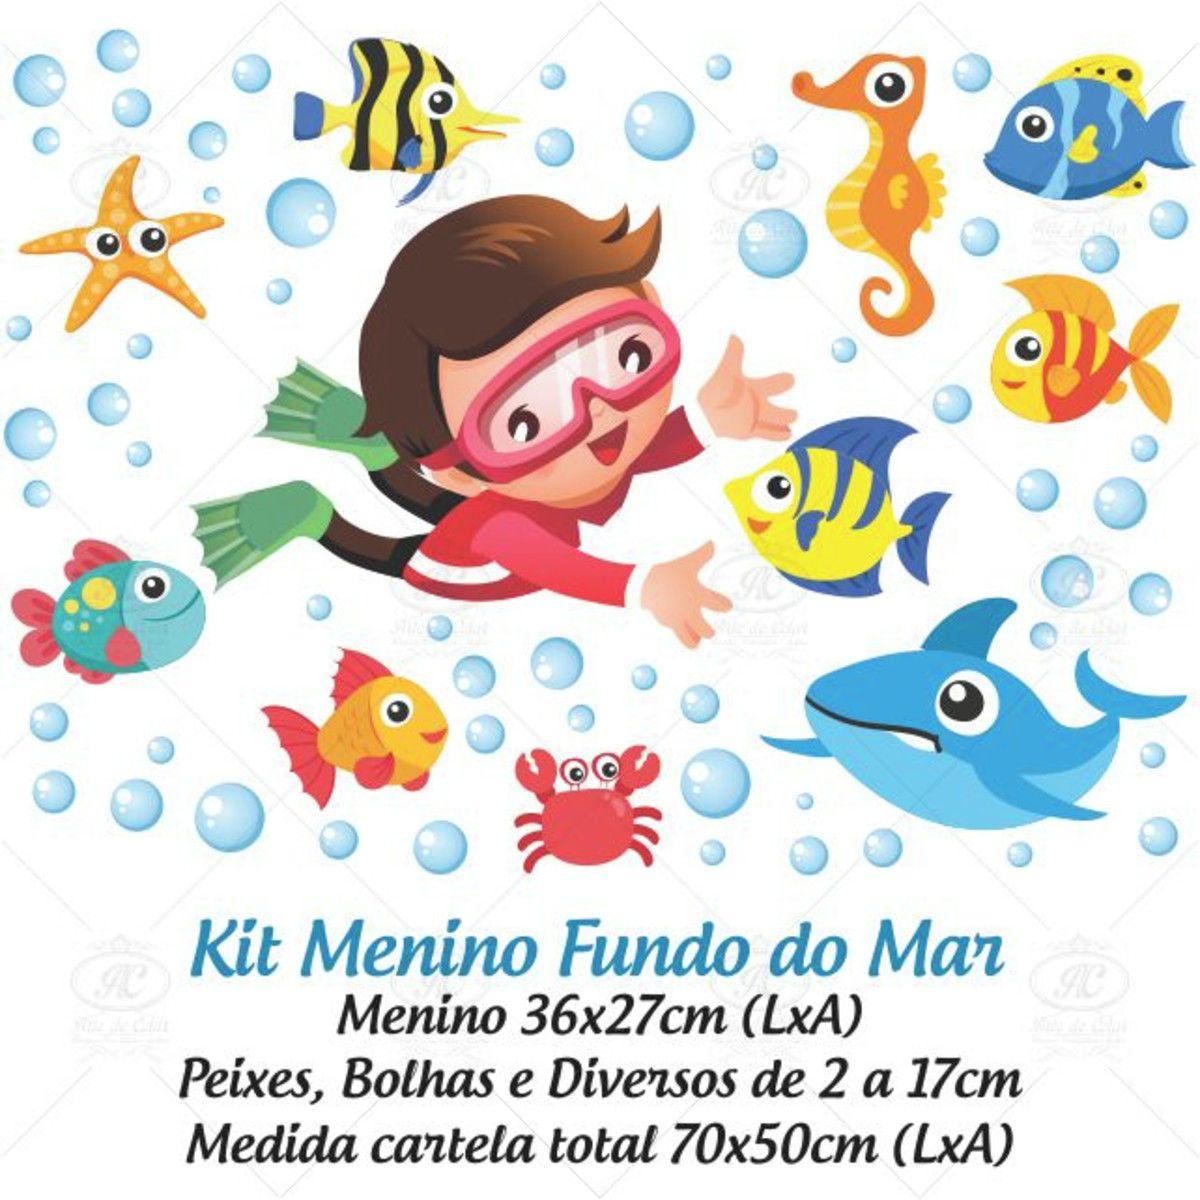 Adesivo Infantil para Box Fundo do Mar Menino 70x50cm